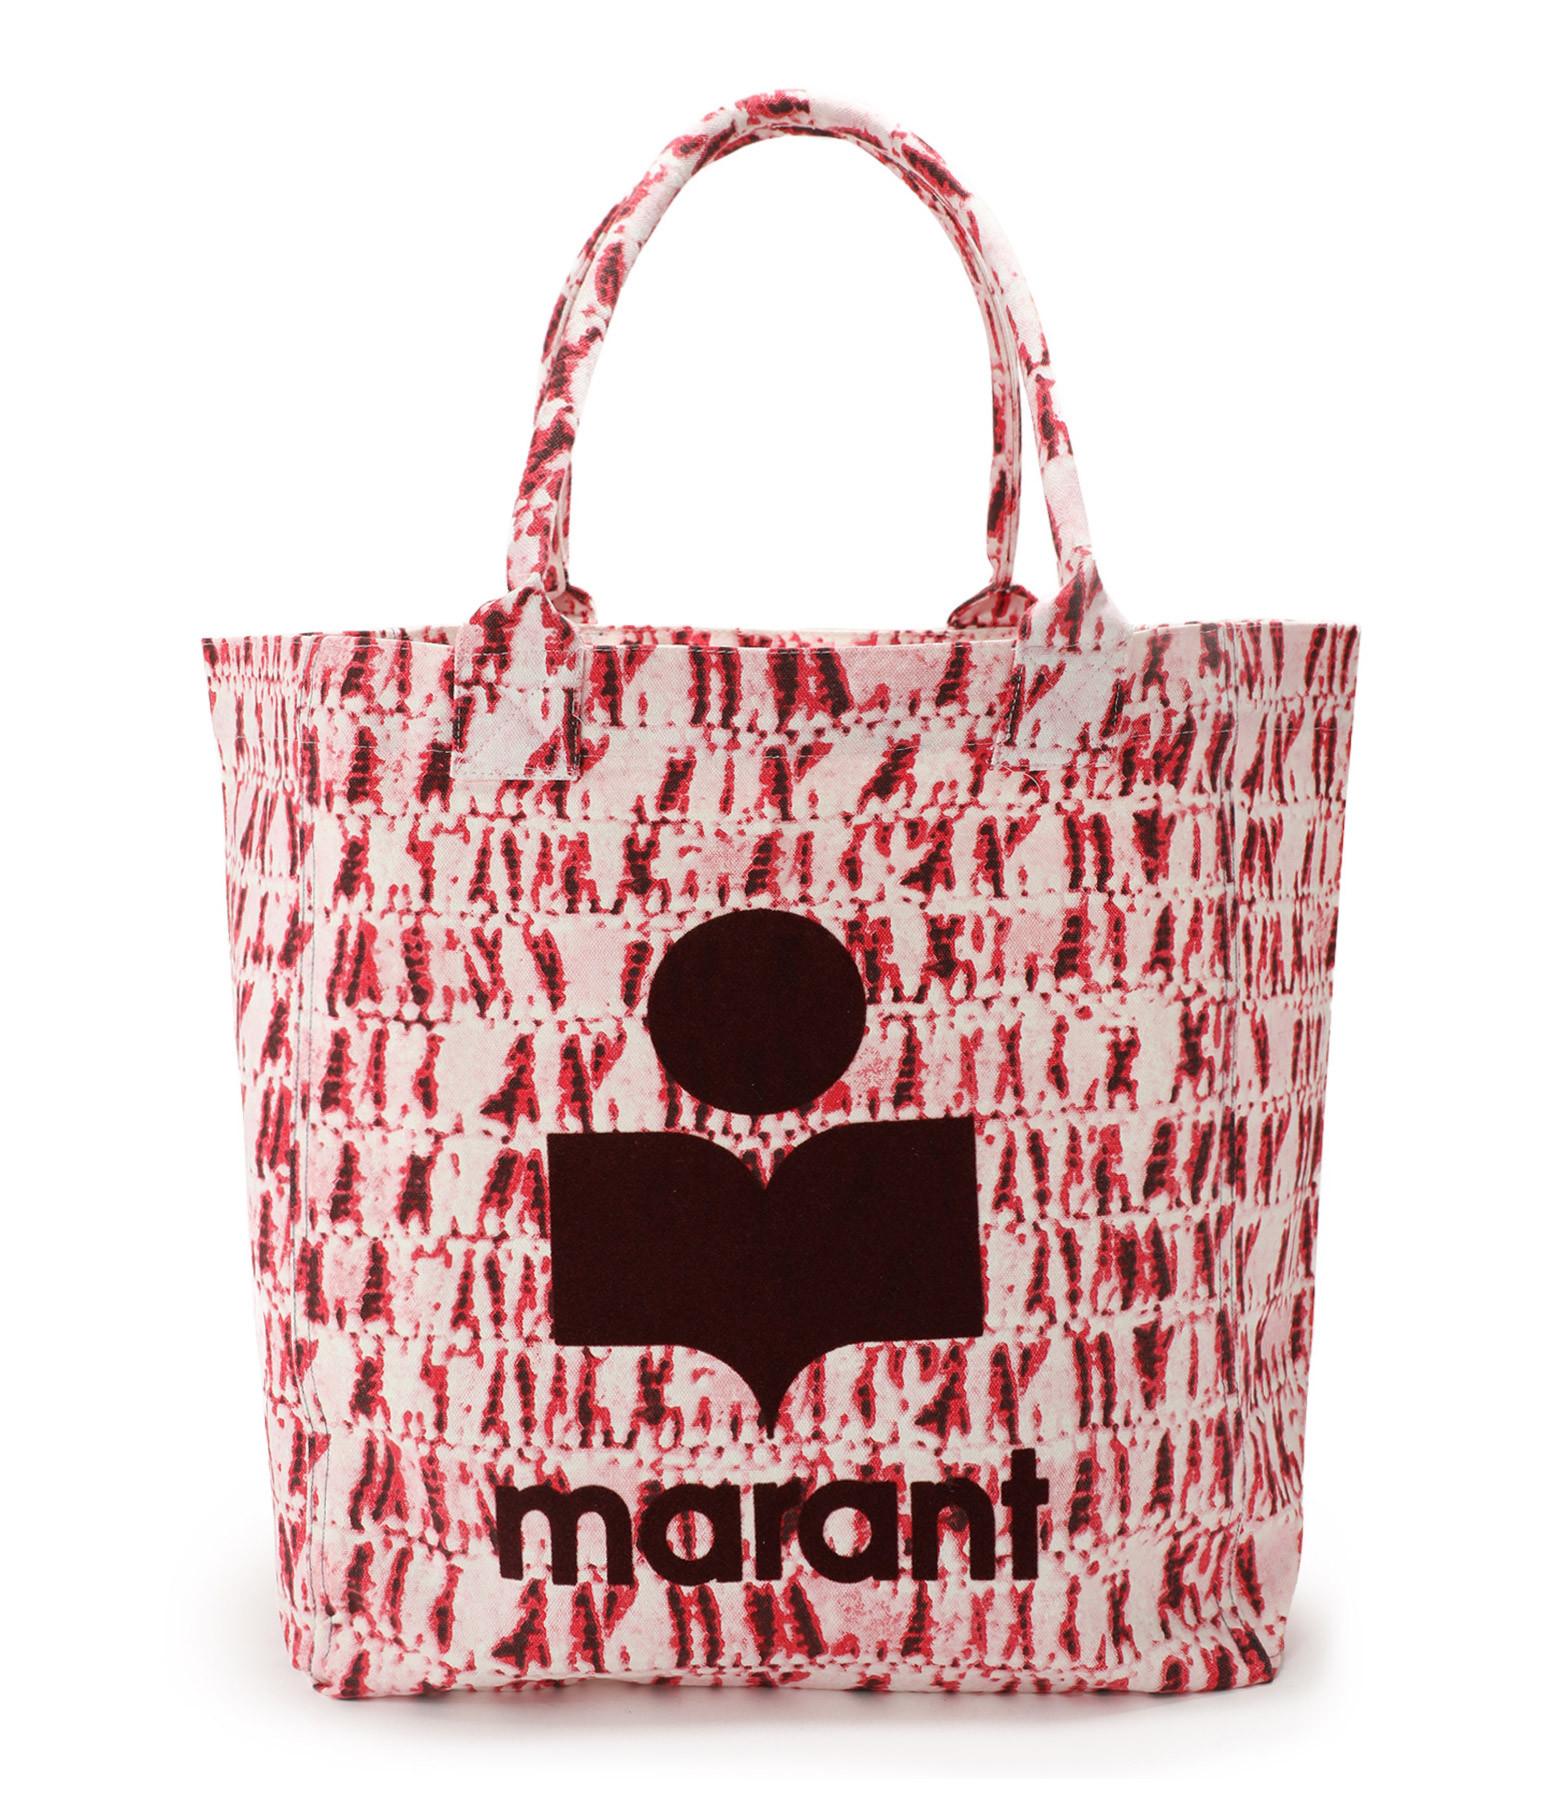 ISABEL MARANT - Sac Cabas Yenky Coton Imprimé Rouge